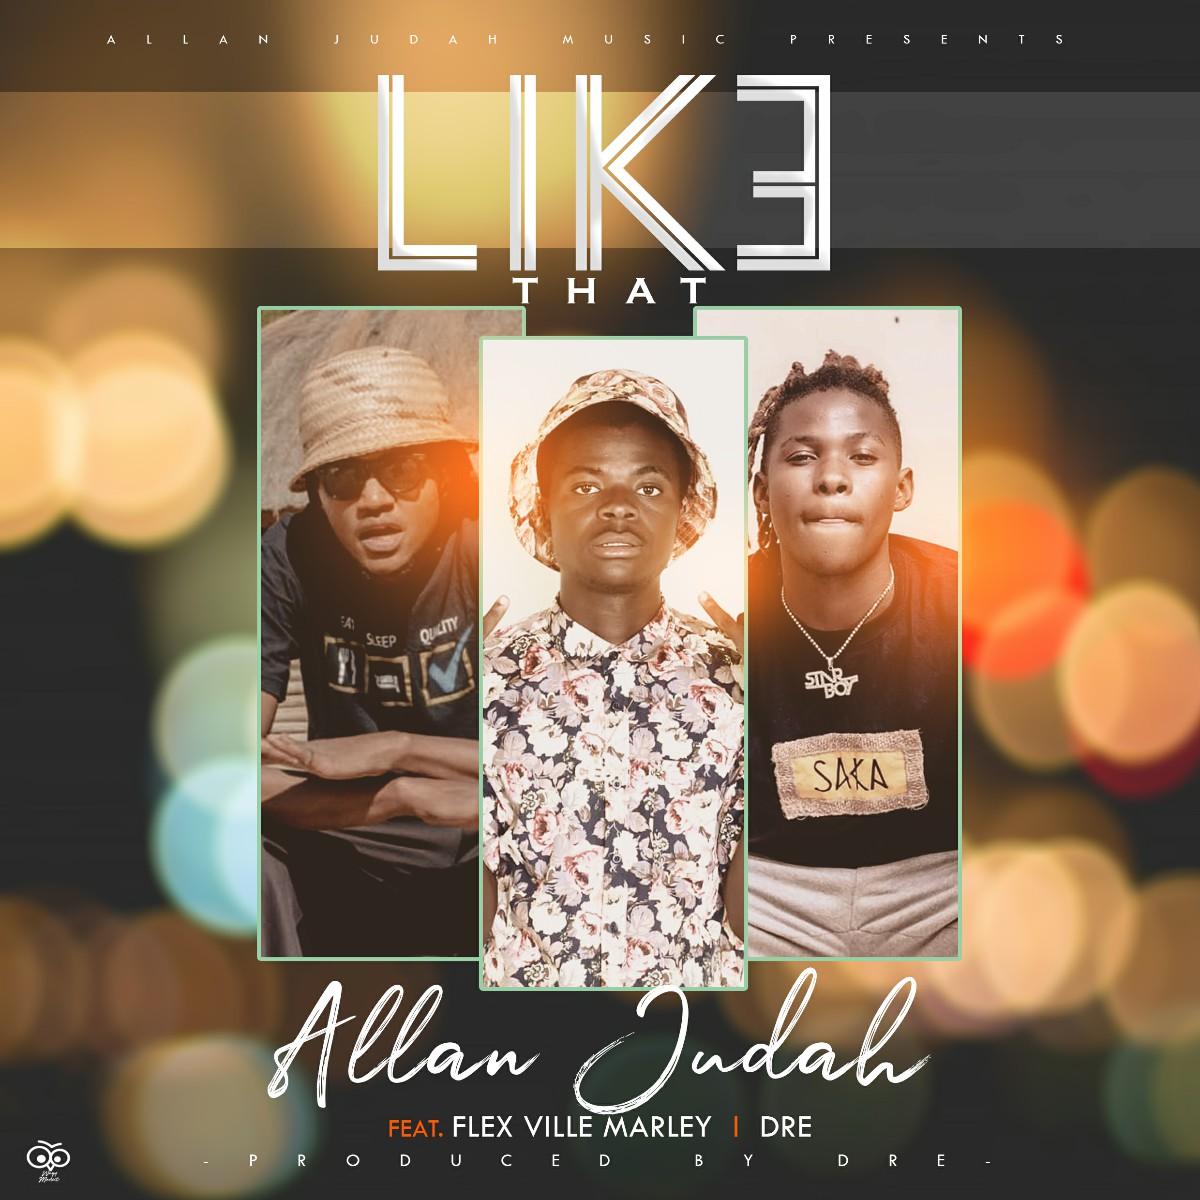 Allan Judah ft. Flexville Marley & Dre - Like That